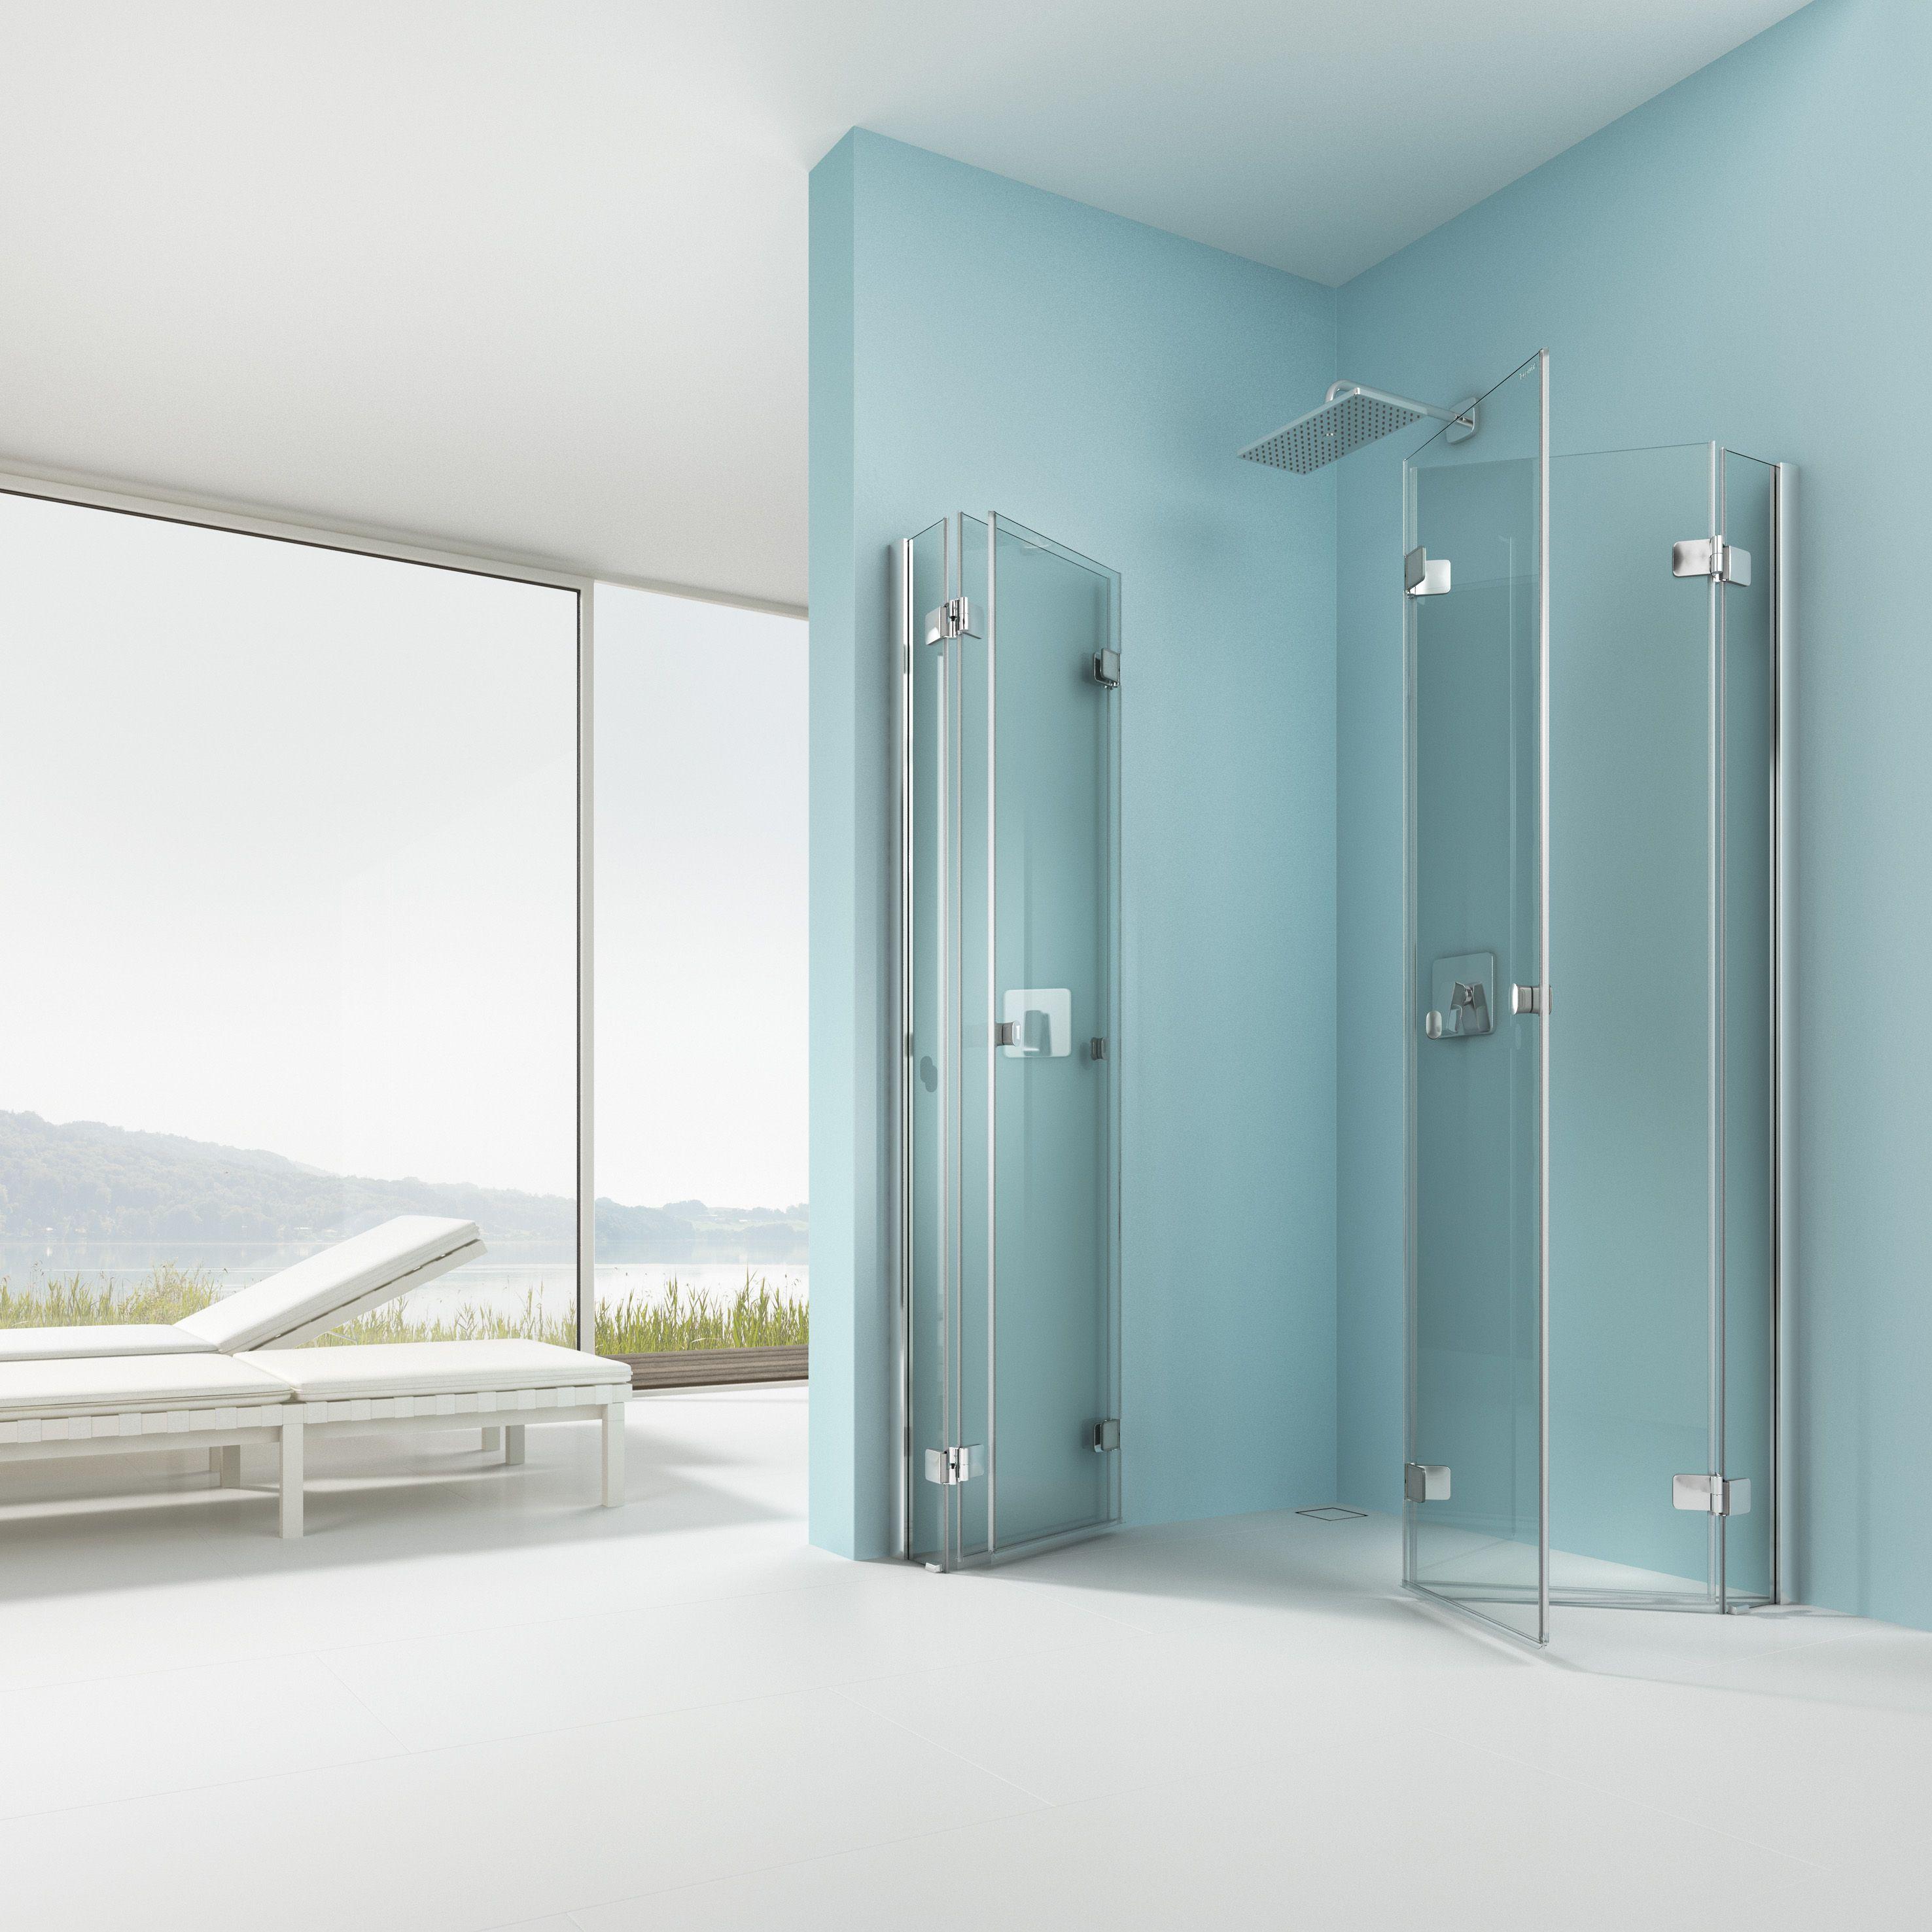 Wonderful Jedes Einzelne Glasteil Lässt Sich 180 Grad Nach Innen Und Nach Außen  Klappen. Damit Wird Der Duschraum Zum Erweiterten Badezimmer.